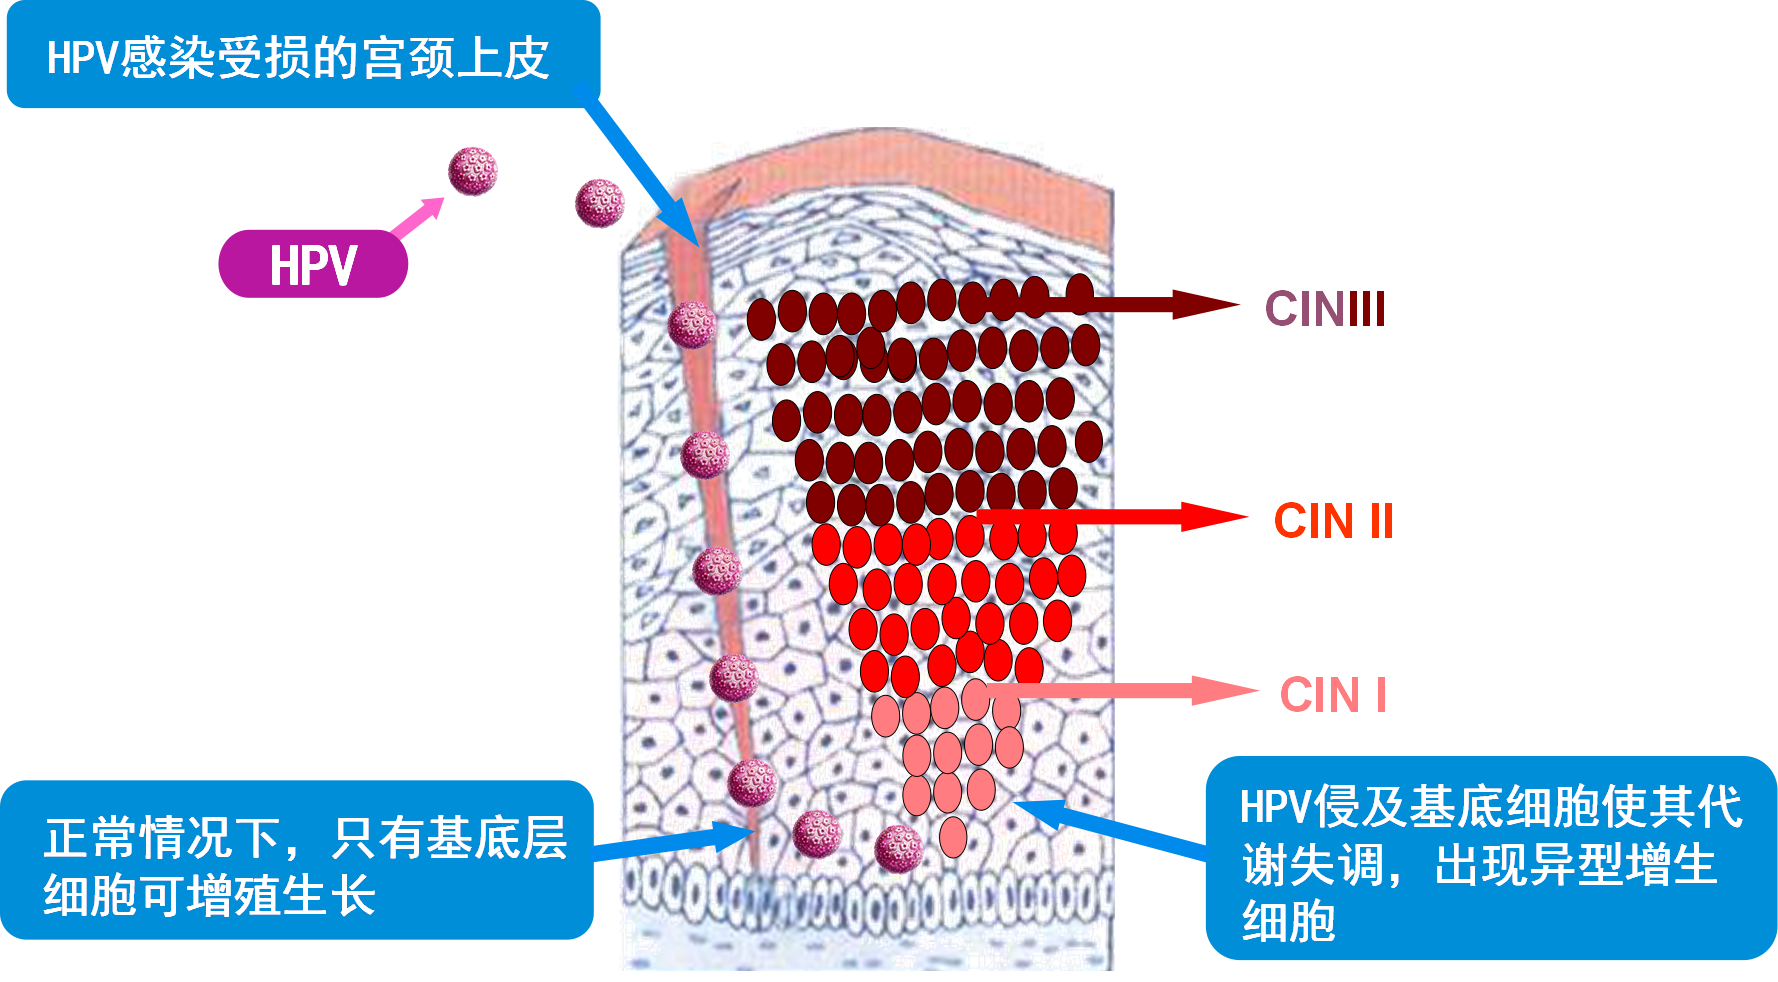 HPV感染就一定会发展成宫颈癌吗?